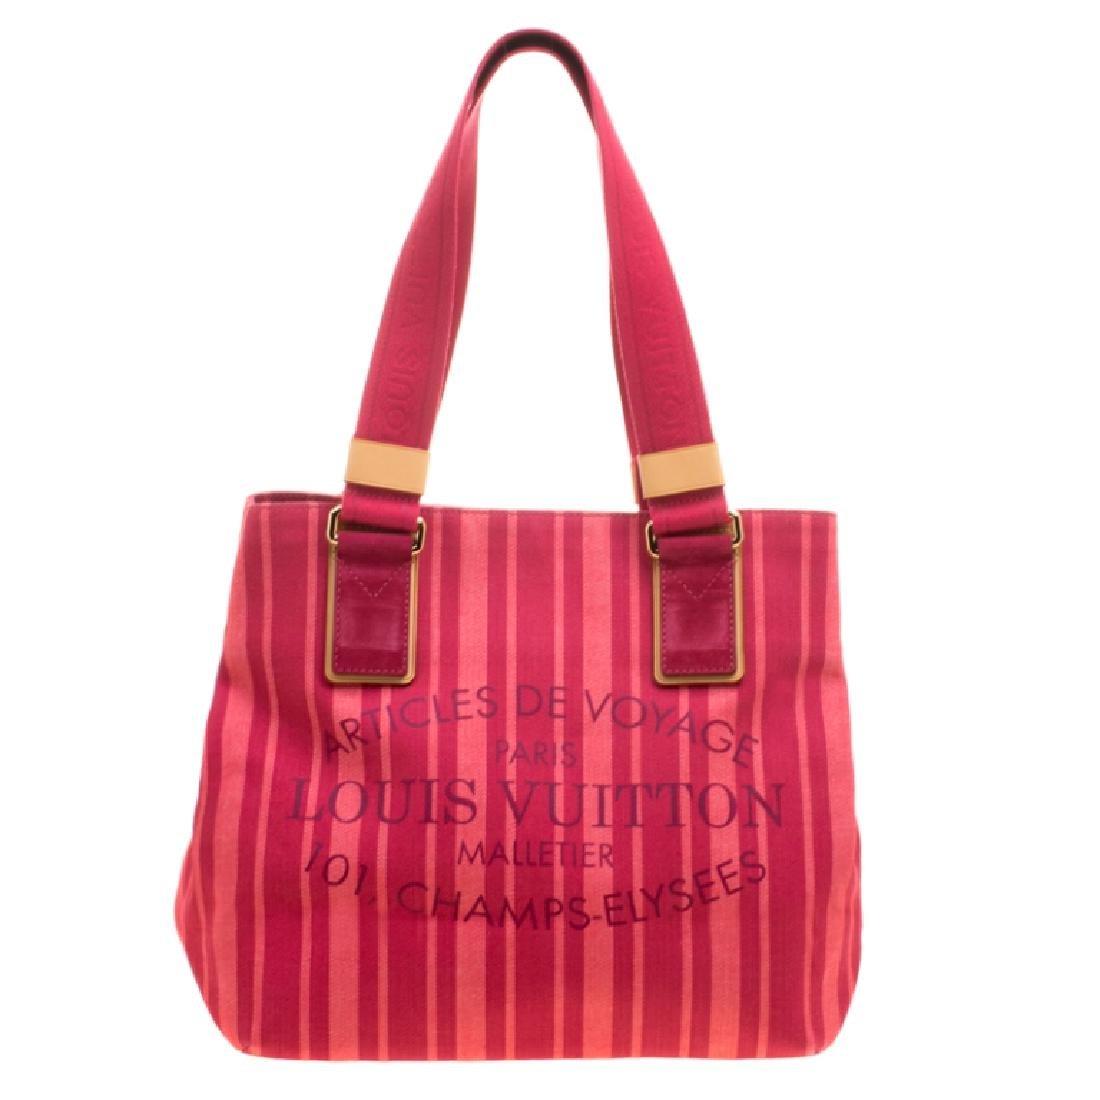 Louis Vuitton 'Articles De Voyage' Pink Hand Bag